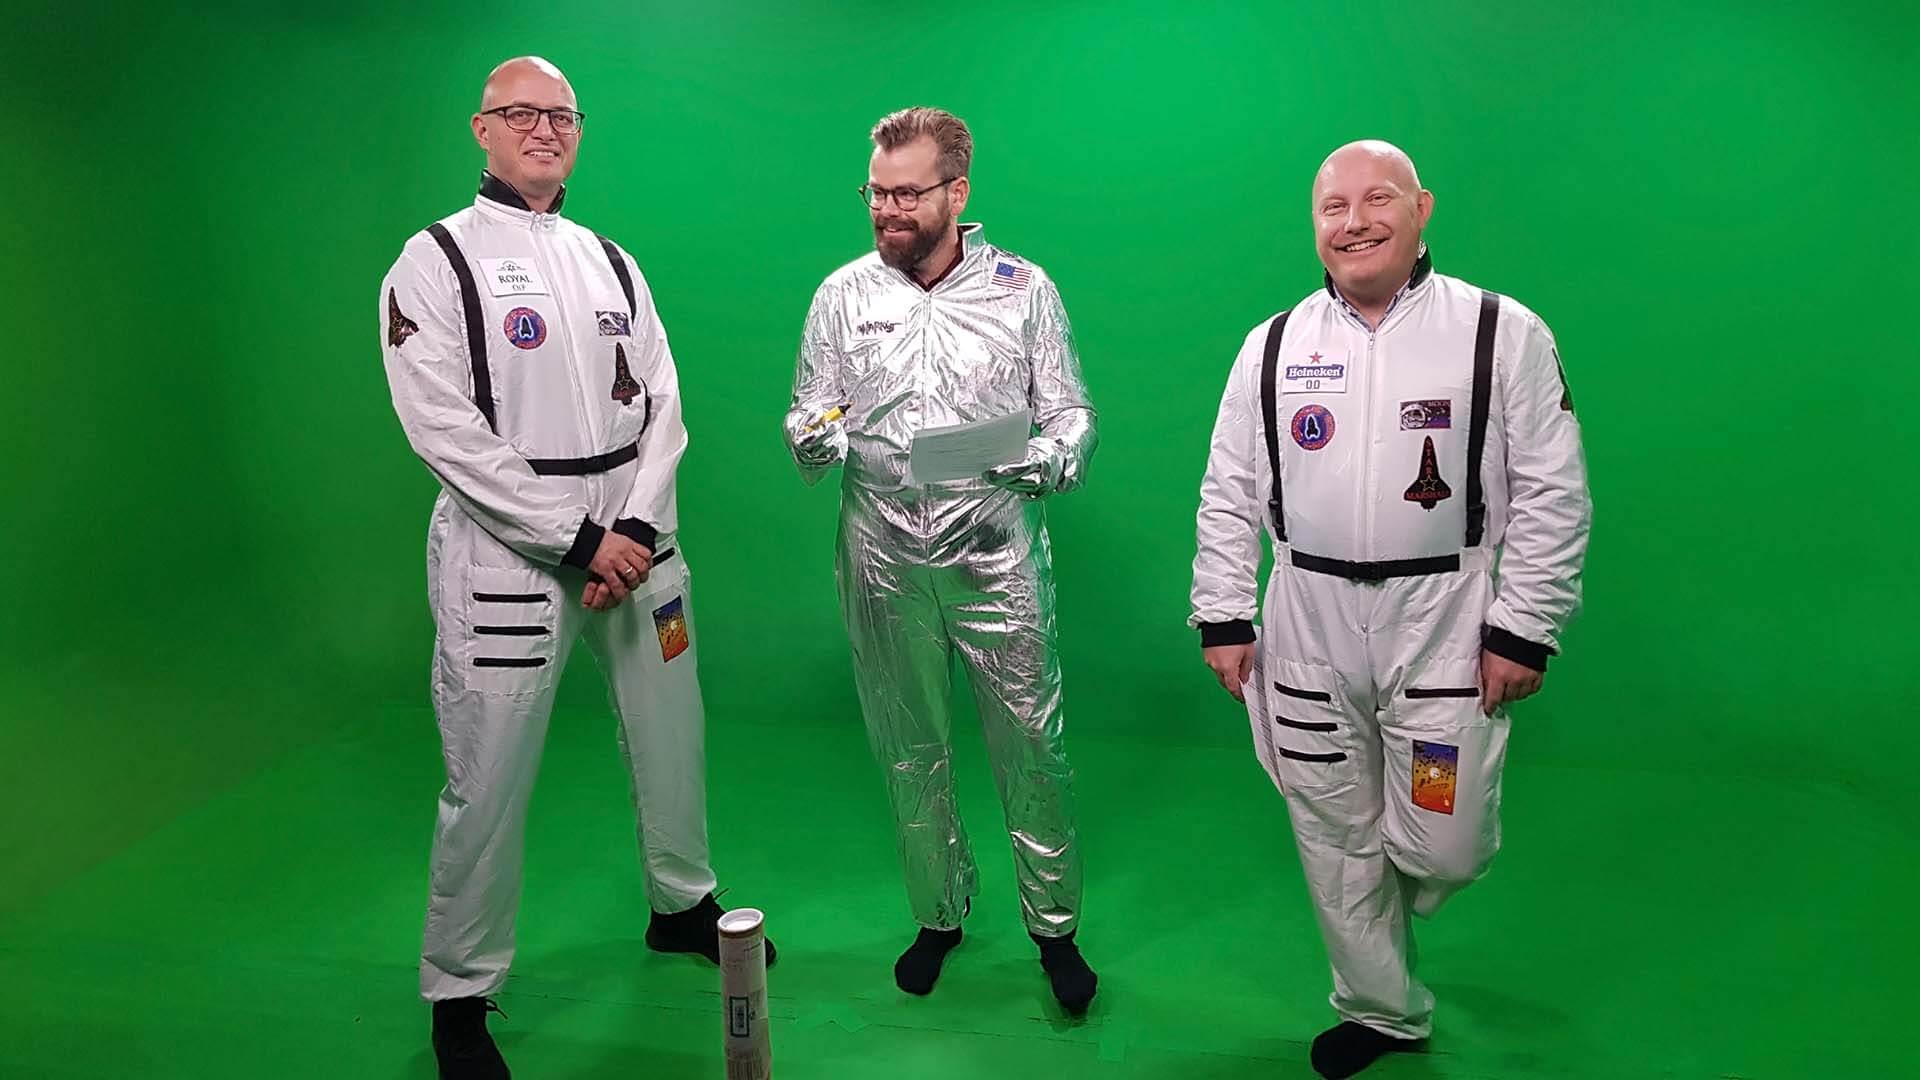 CEC Event og Tino Thorsøe i green screen studiet i Mediehuset København - de er udklædt som astronauter